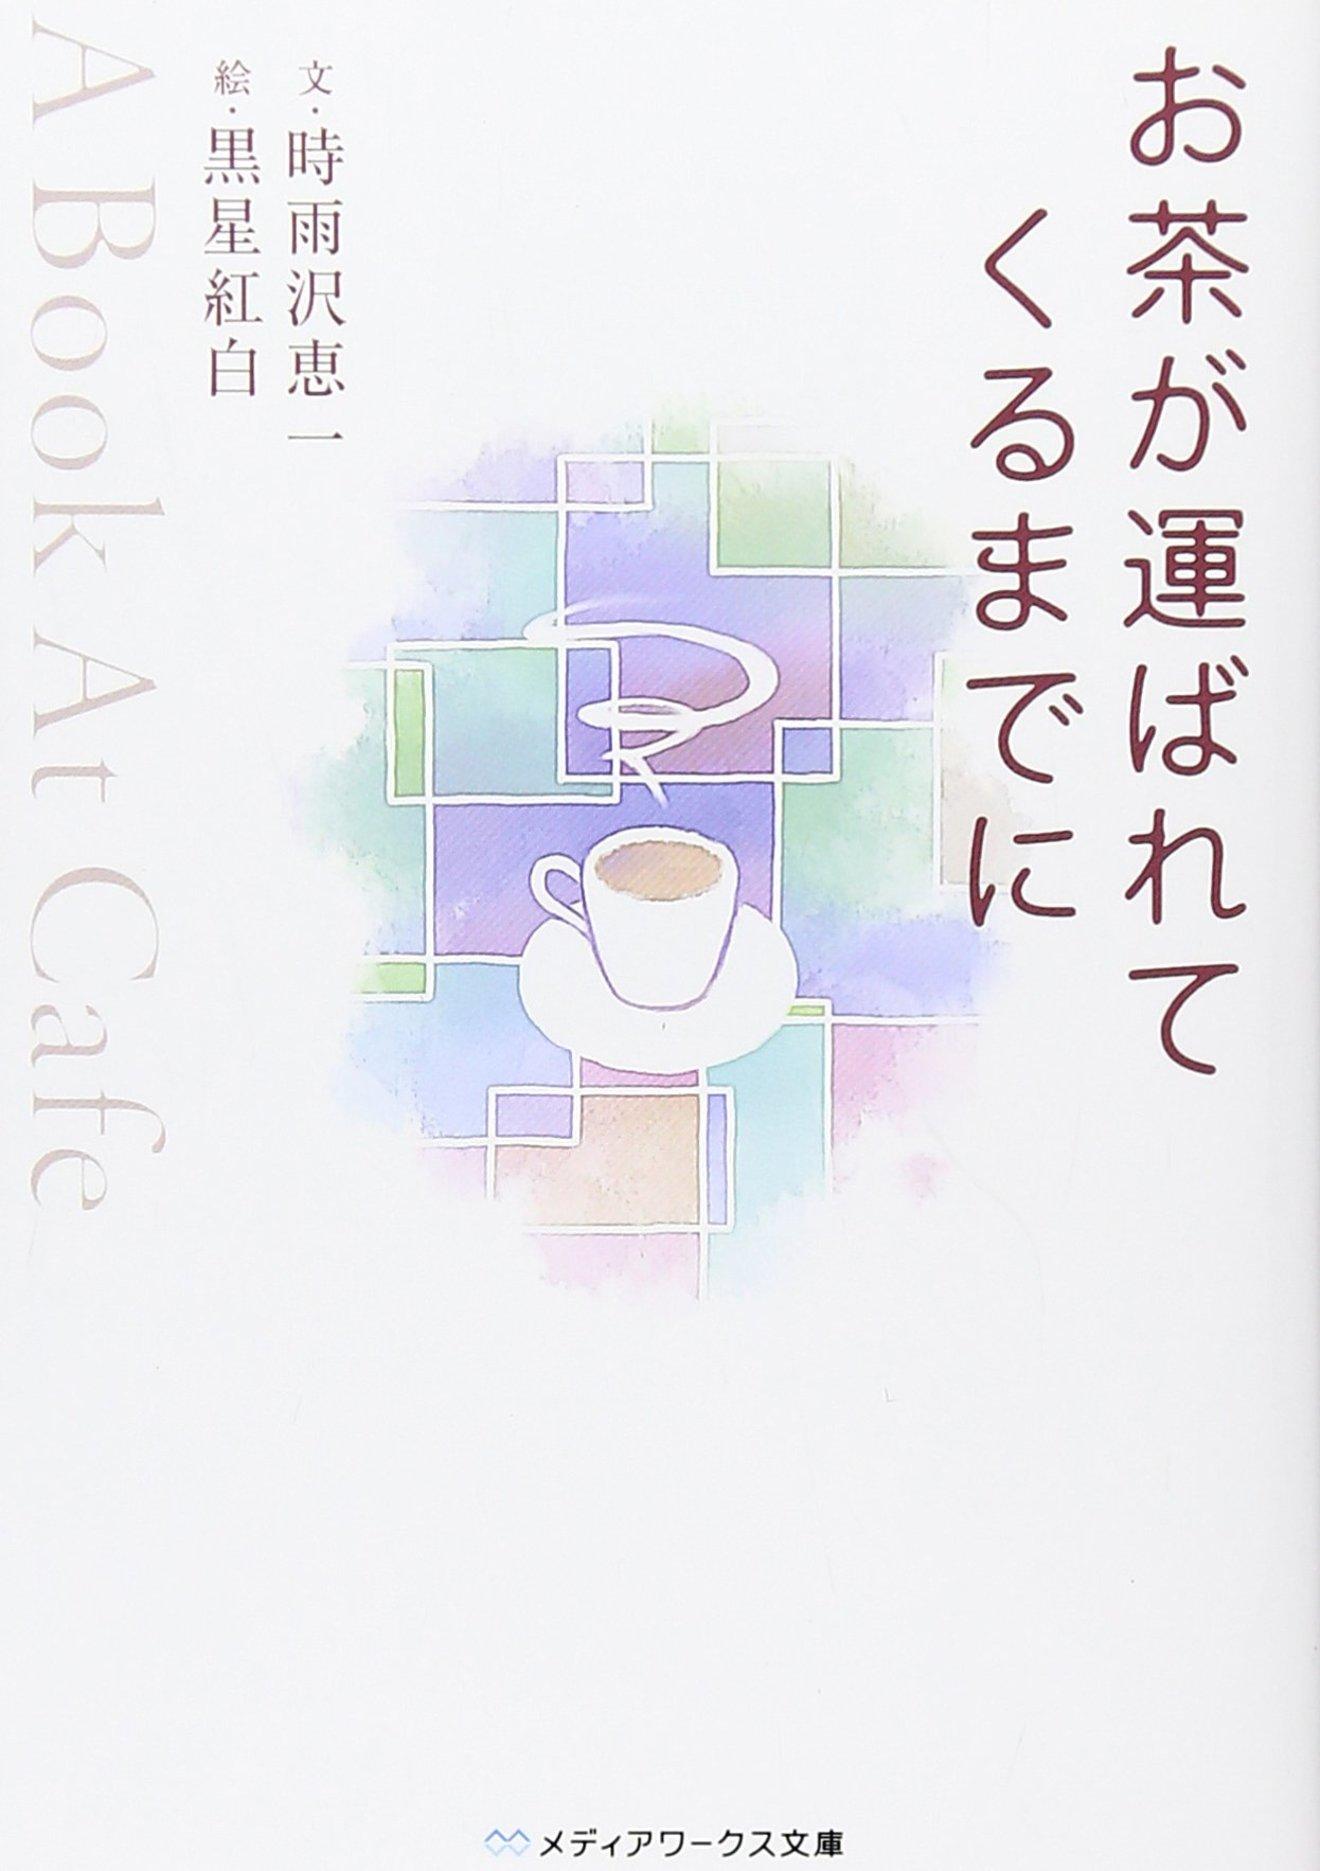 「キノの旅」シリーズで人気の黒星紅白がイラストを書いた作品おすすめ5選!